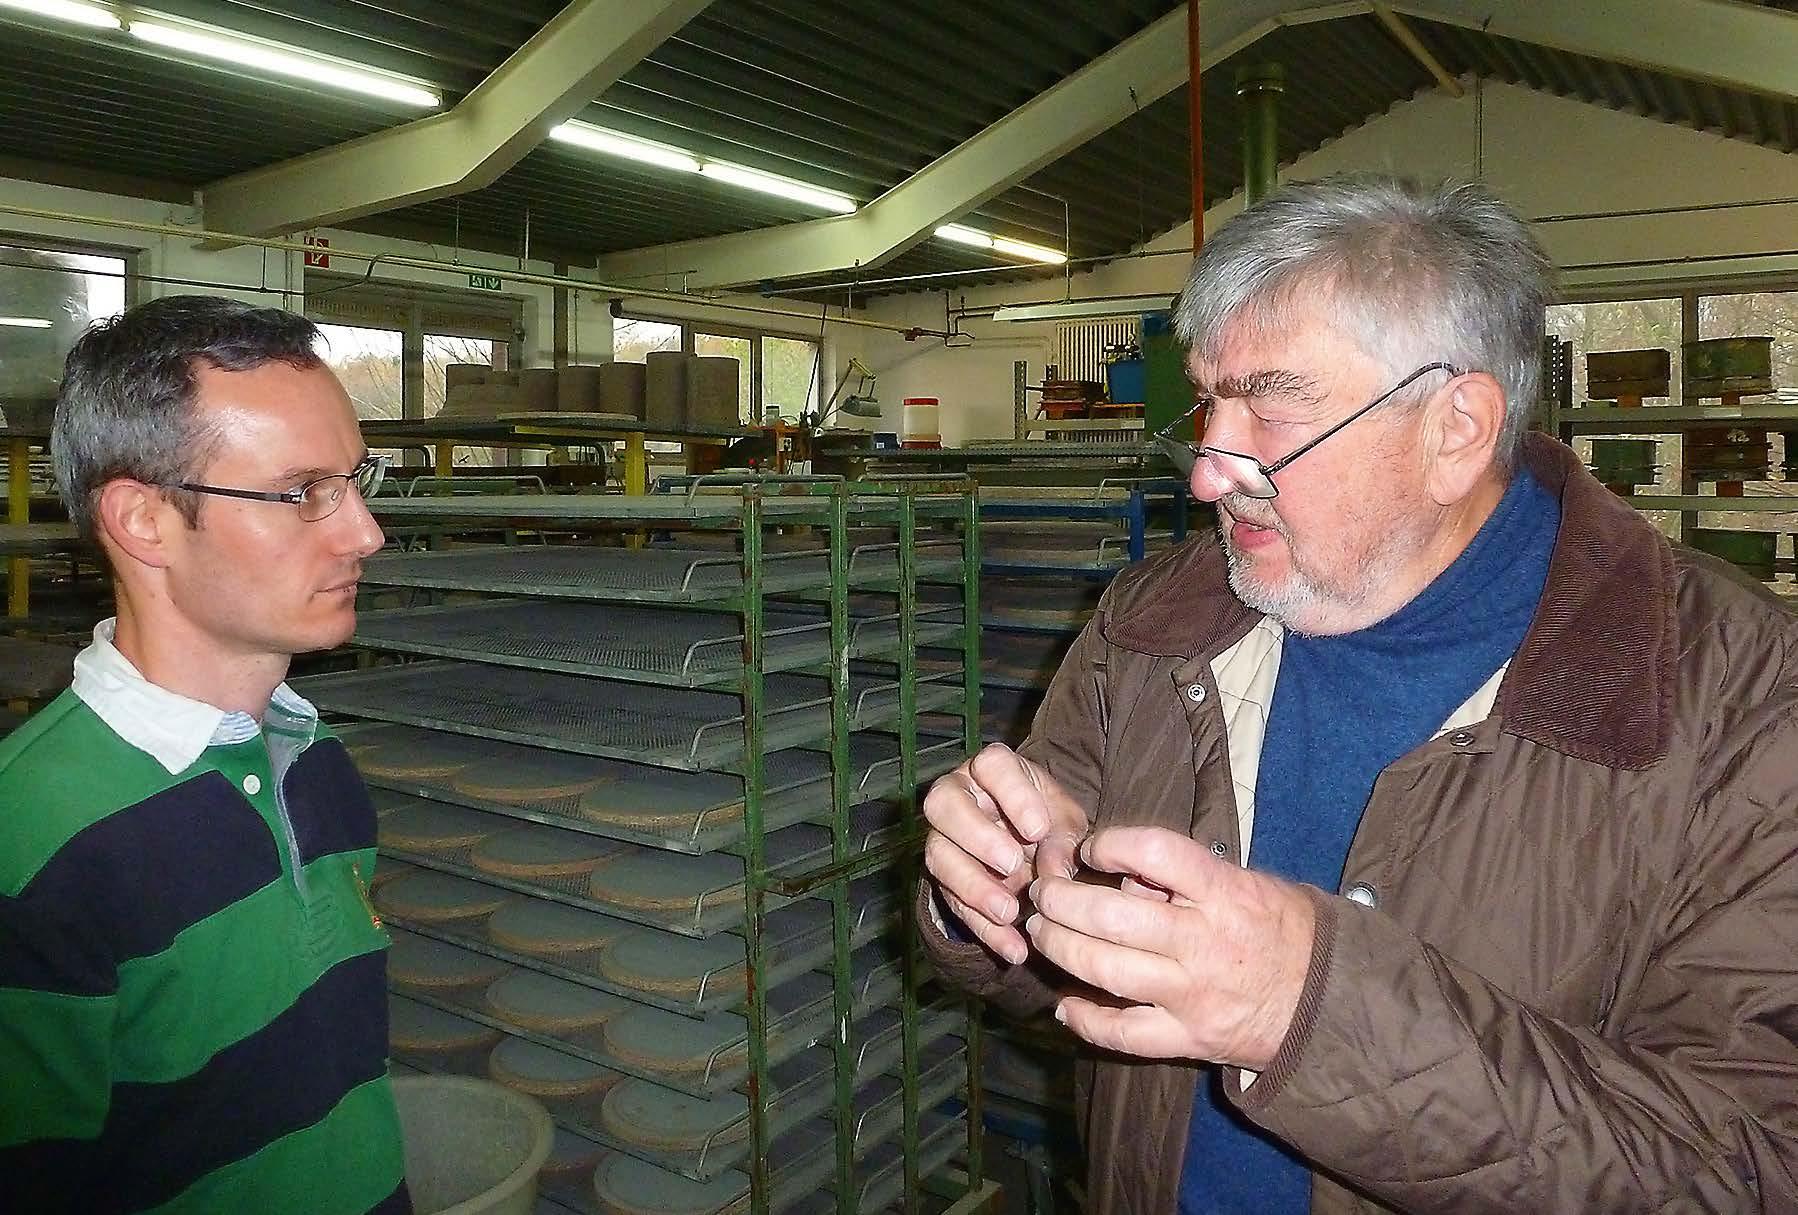 Franz Denk im Gespräch mit Gerben van Limpt, der den Verkauf in den Niederlanden organisiert.